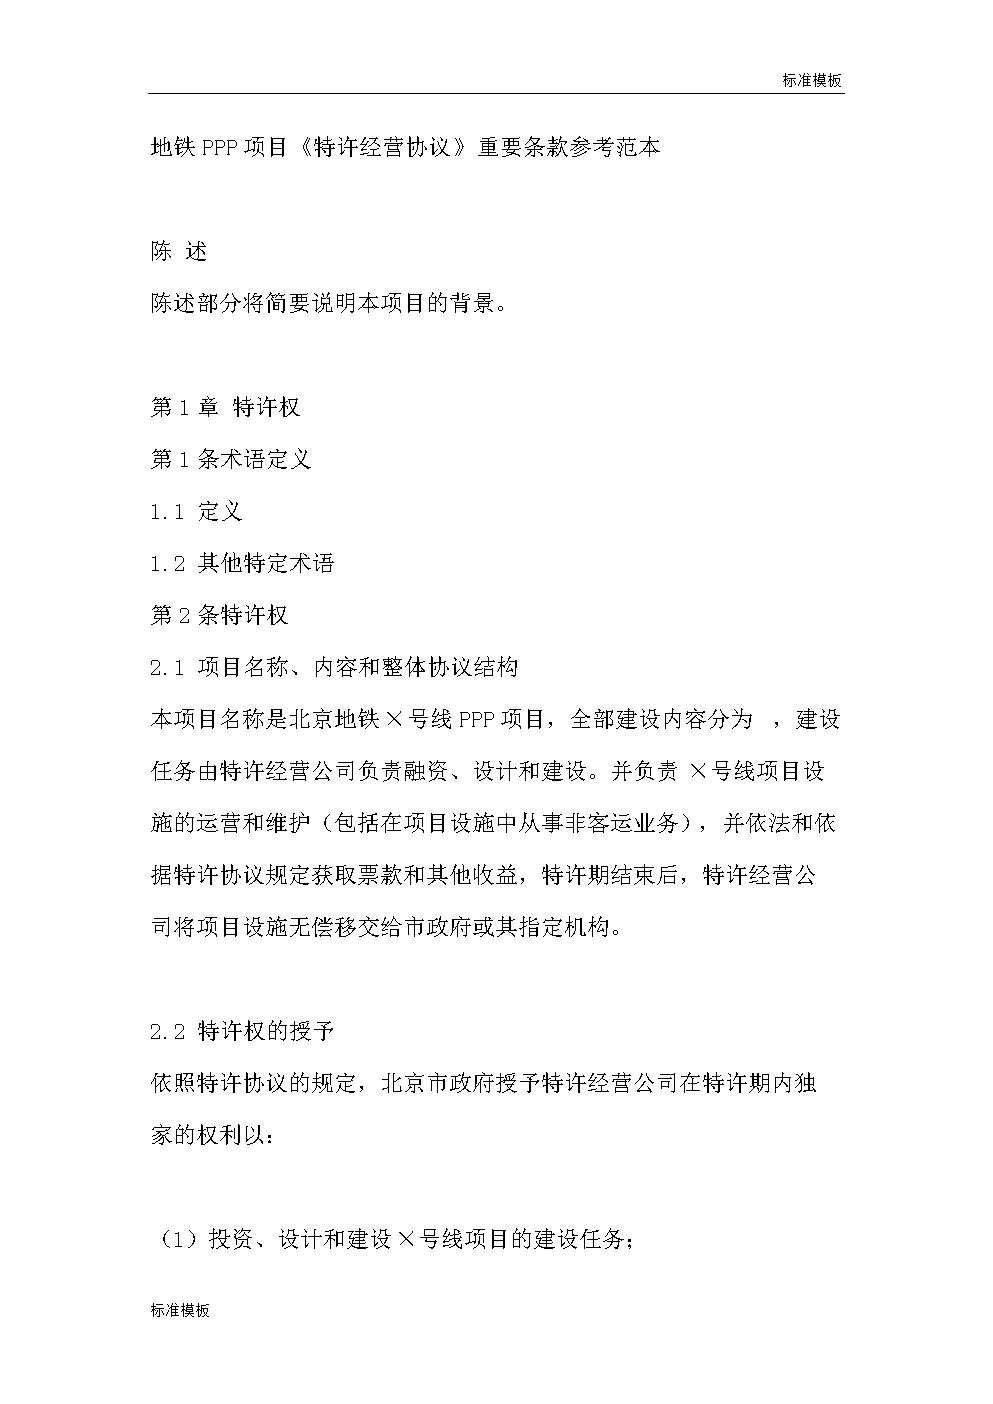 (精选模板):轨道交通ppp项目特许经营协议.doc